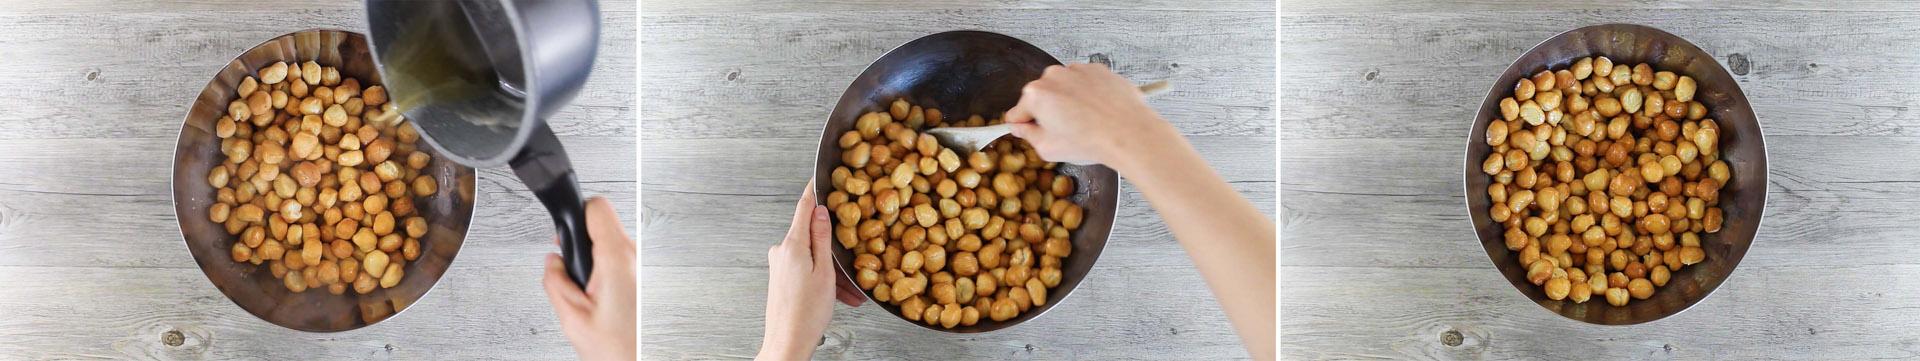 pignoccata palermitana ricetta